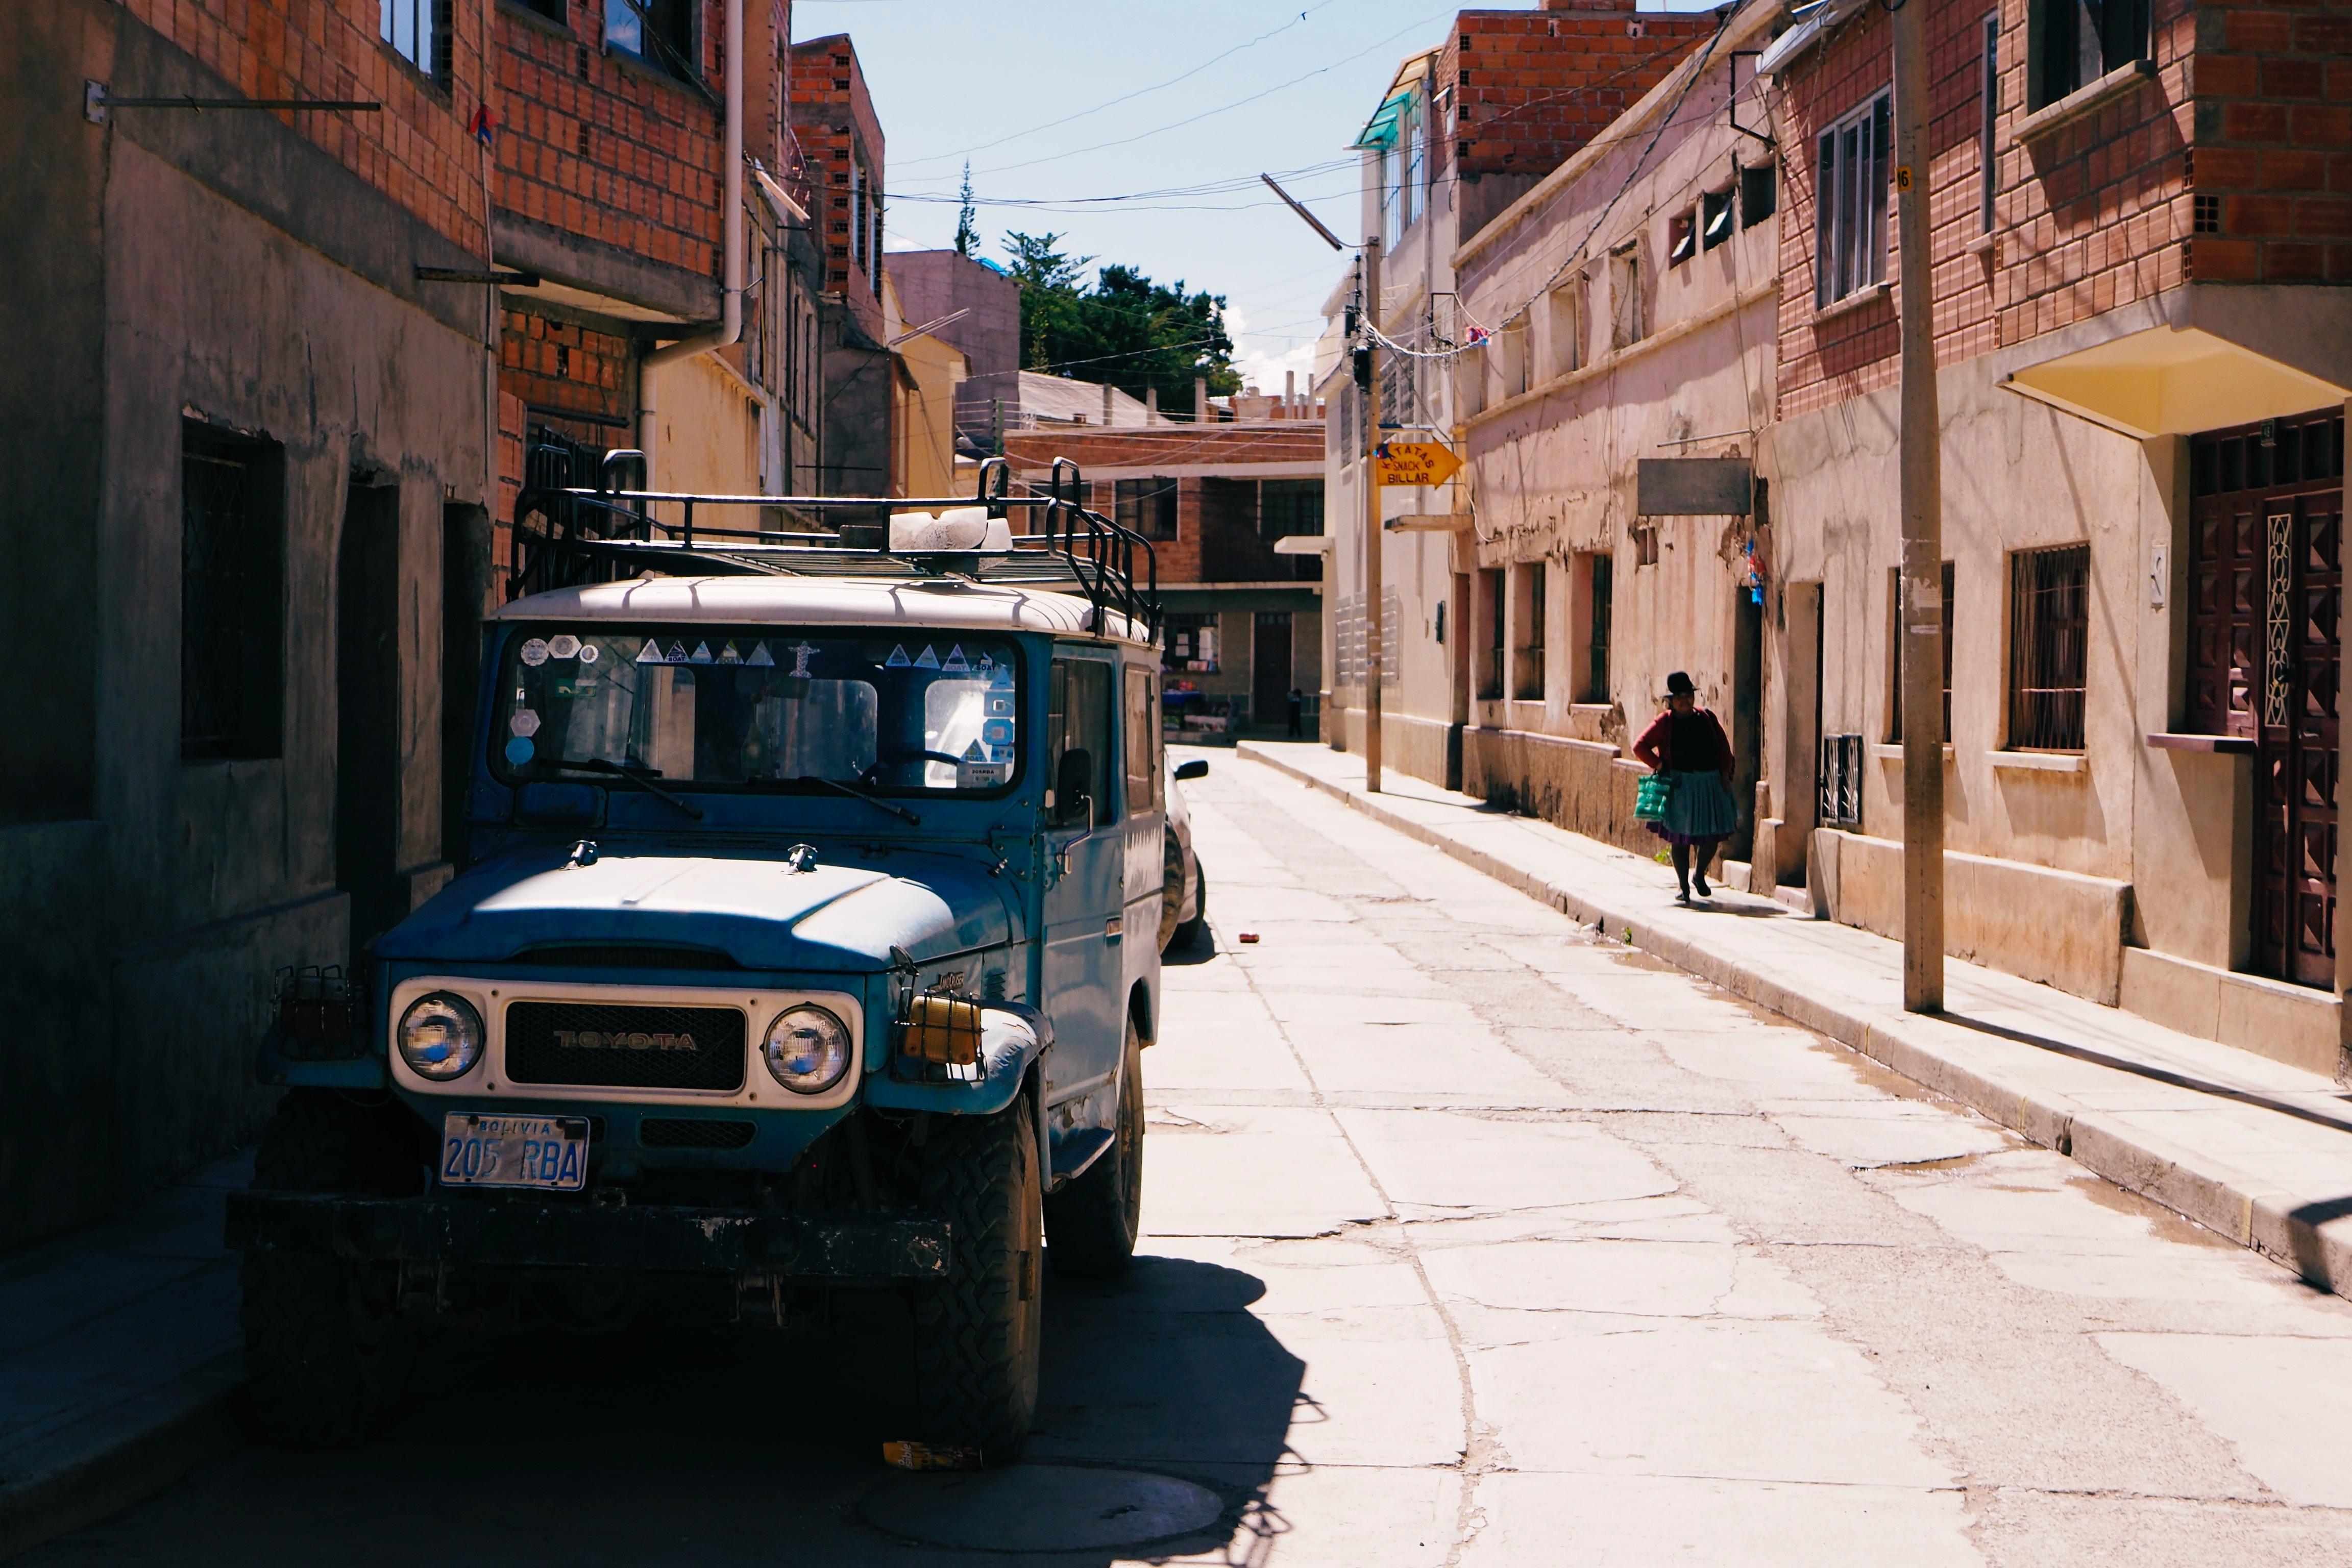 Imagen de la noticia Salud integral en la cuenca del Río Tapacarí para la lucha contra la enfermedad de Chagas. Diagnóstico, prevención, tratamiento y control de una crisis crónica de larga duración a través del empoderamiento de las mujeres titulares de derechos